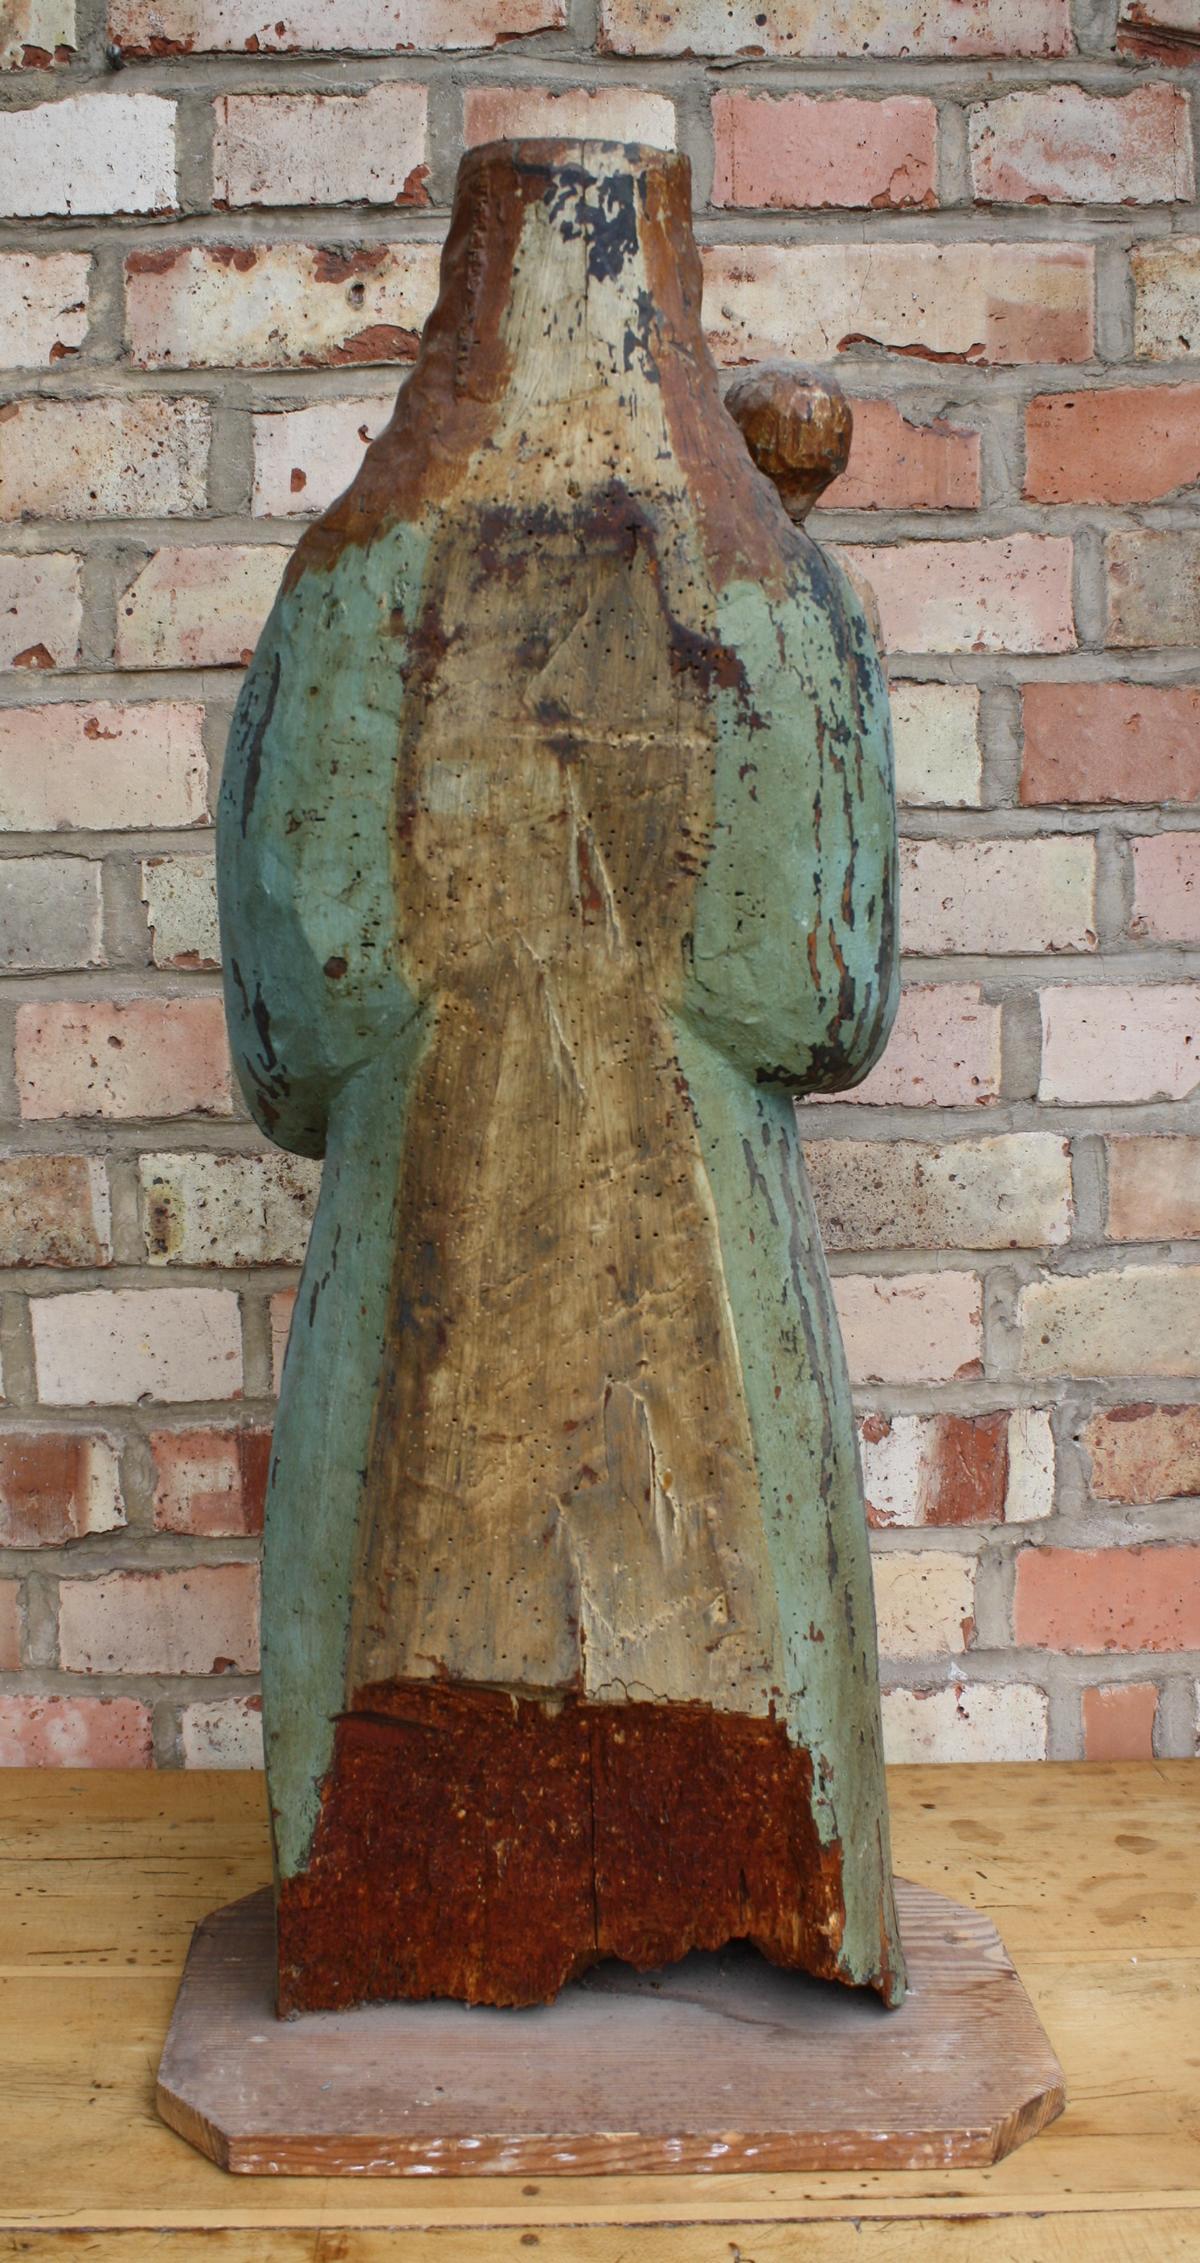 Madonna mit Kind und Weltkugel, wohl 15./16. Jahrhundert-6